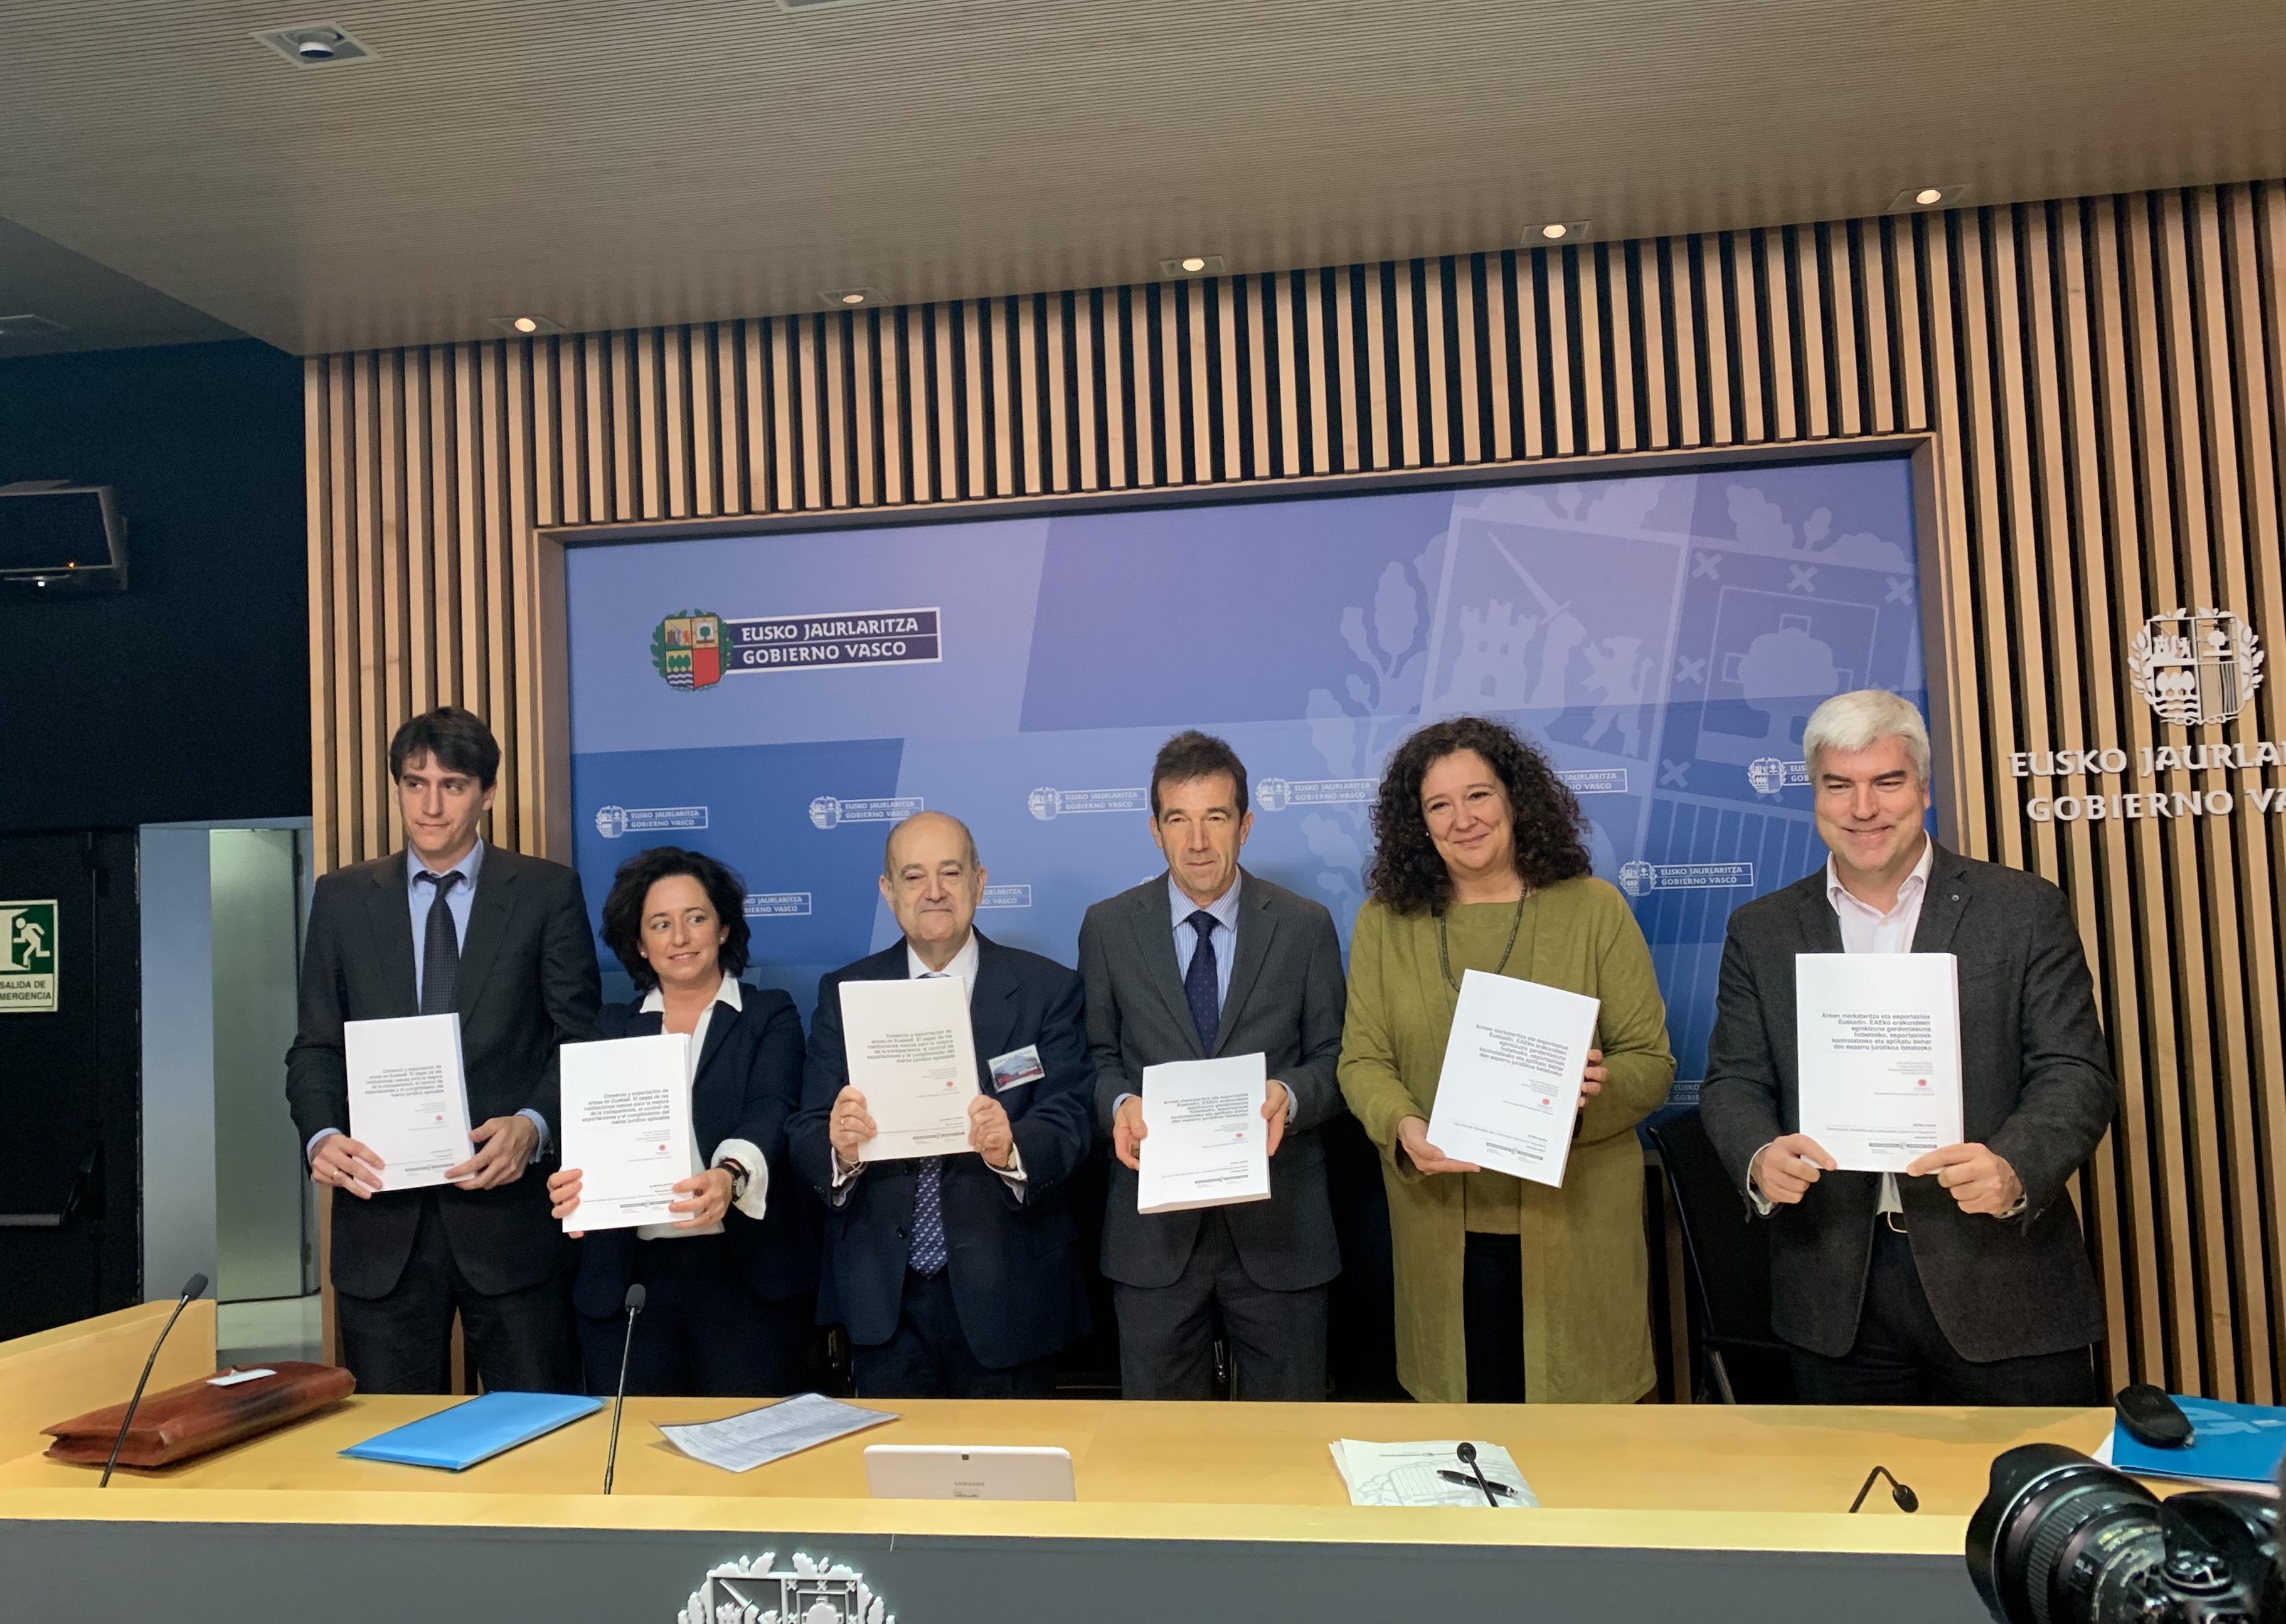 El Instituto de Gobernanza Democrática- Globernance y el Gobierno presentan un informe sobre el comercio y exportación de armas en Euskadi y el papel de las instituciones vascas para la mejora de la transparencia y el control de las exportaciones